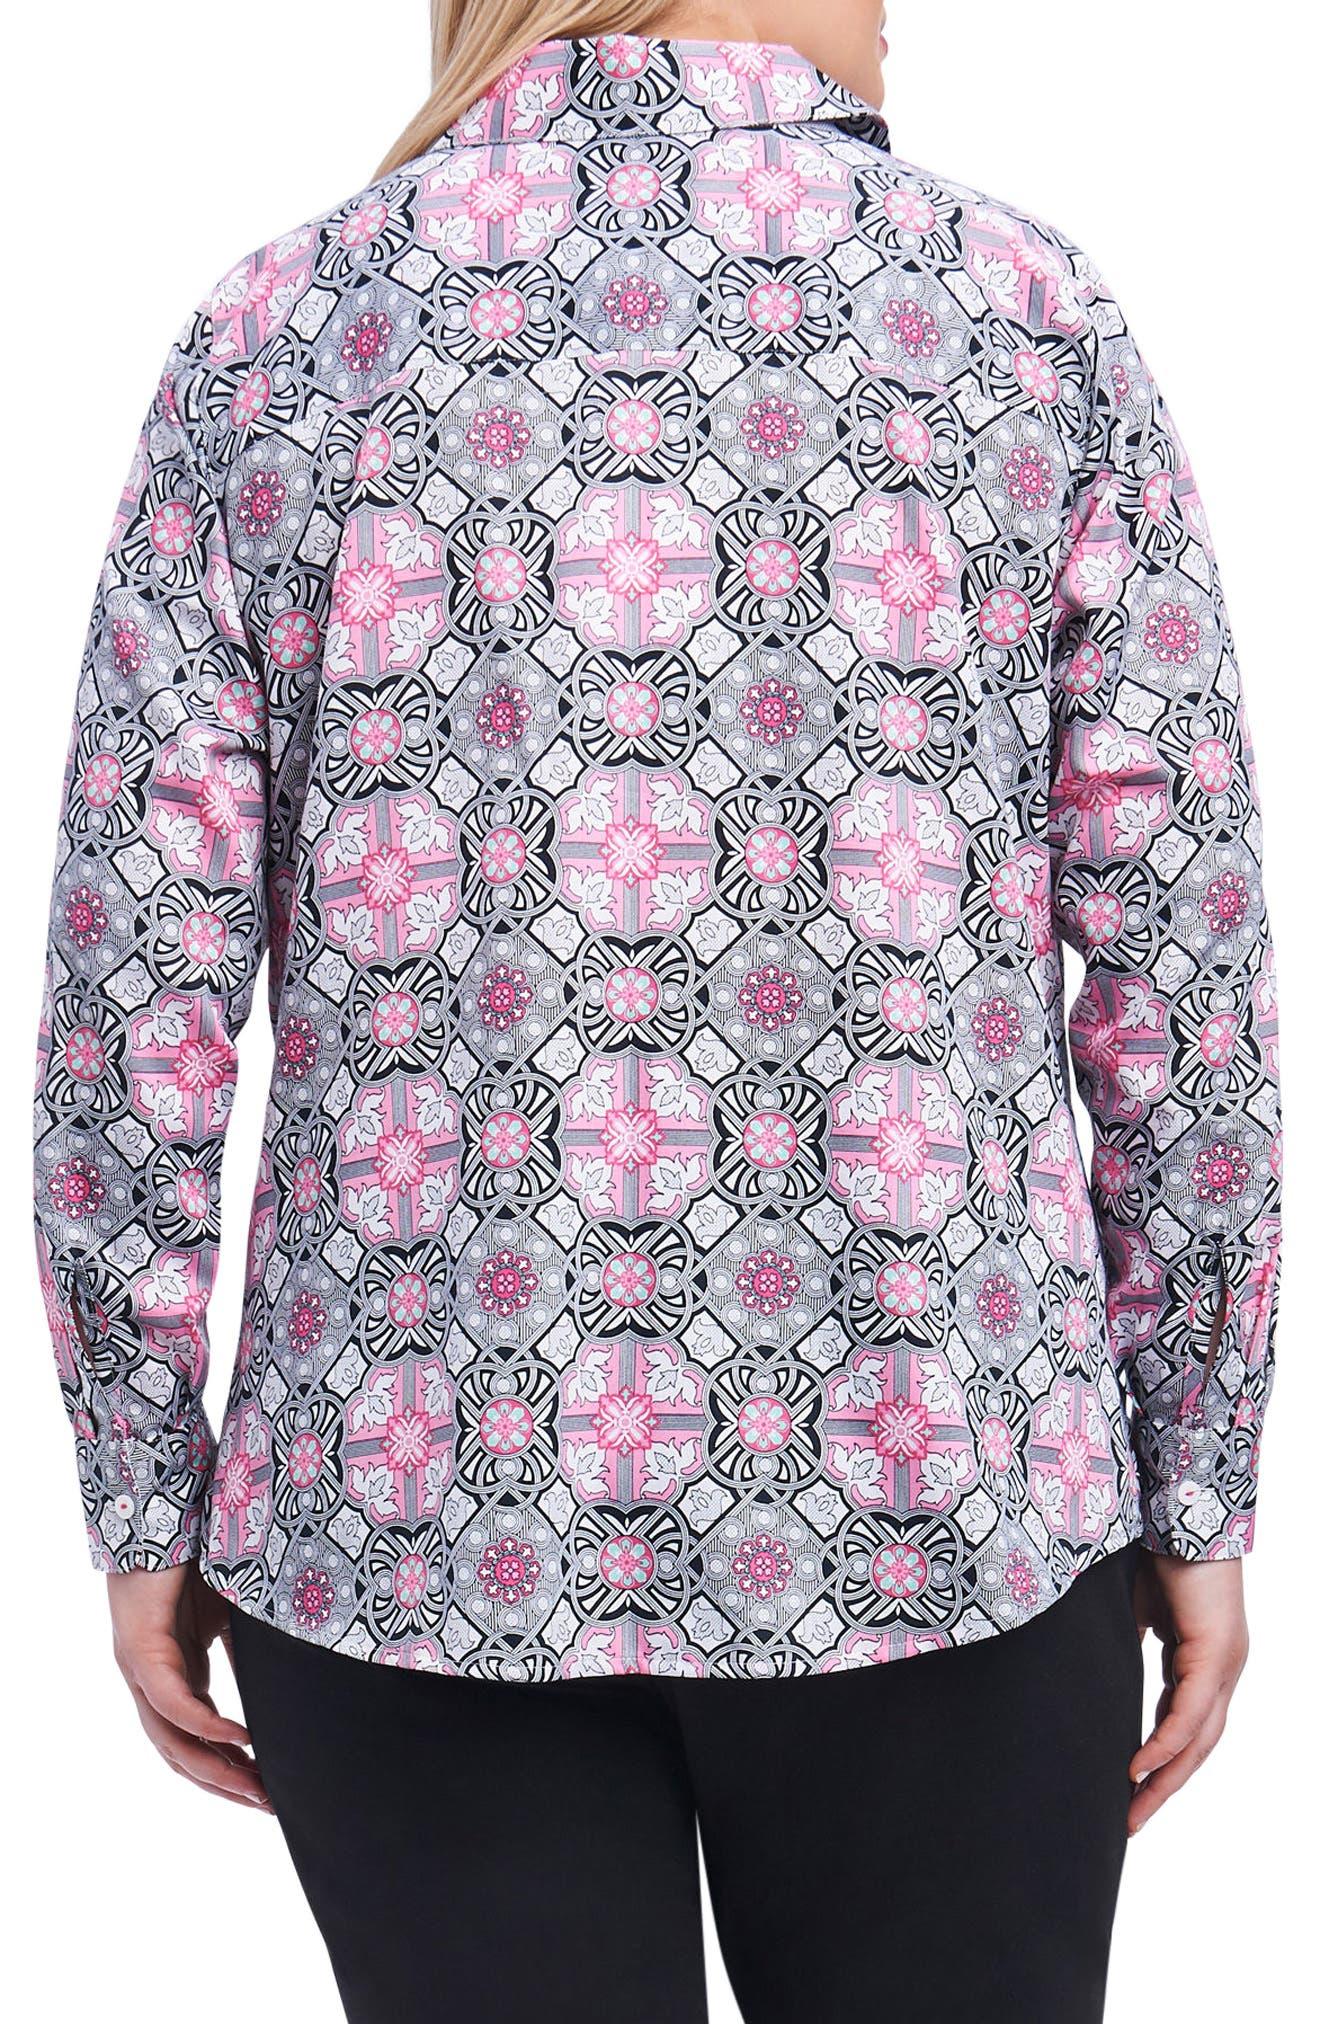 Ava Mosaic Tile Shirt,                             Alternate thumbnail 2, color,                             Multi